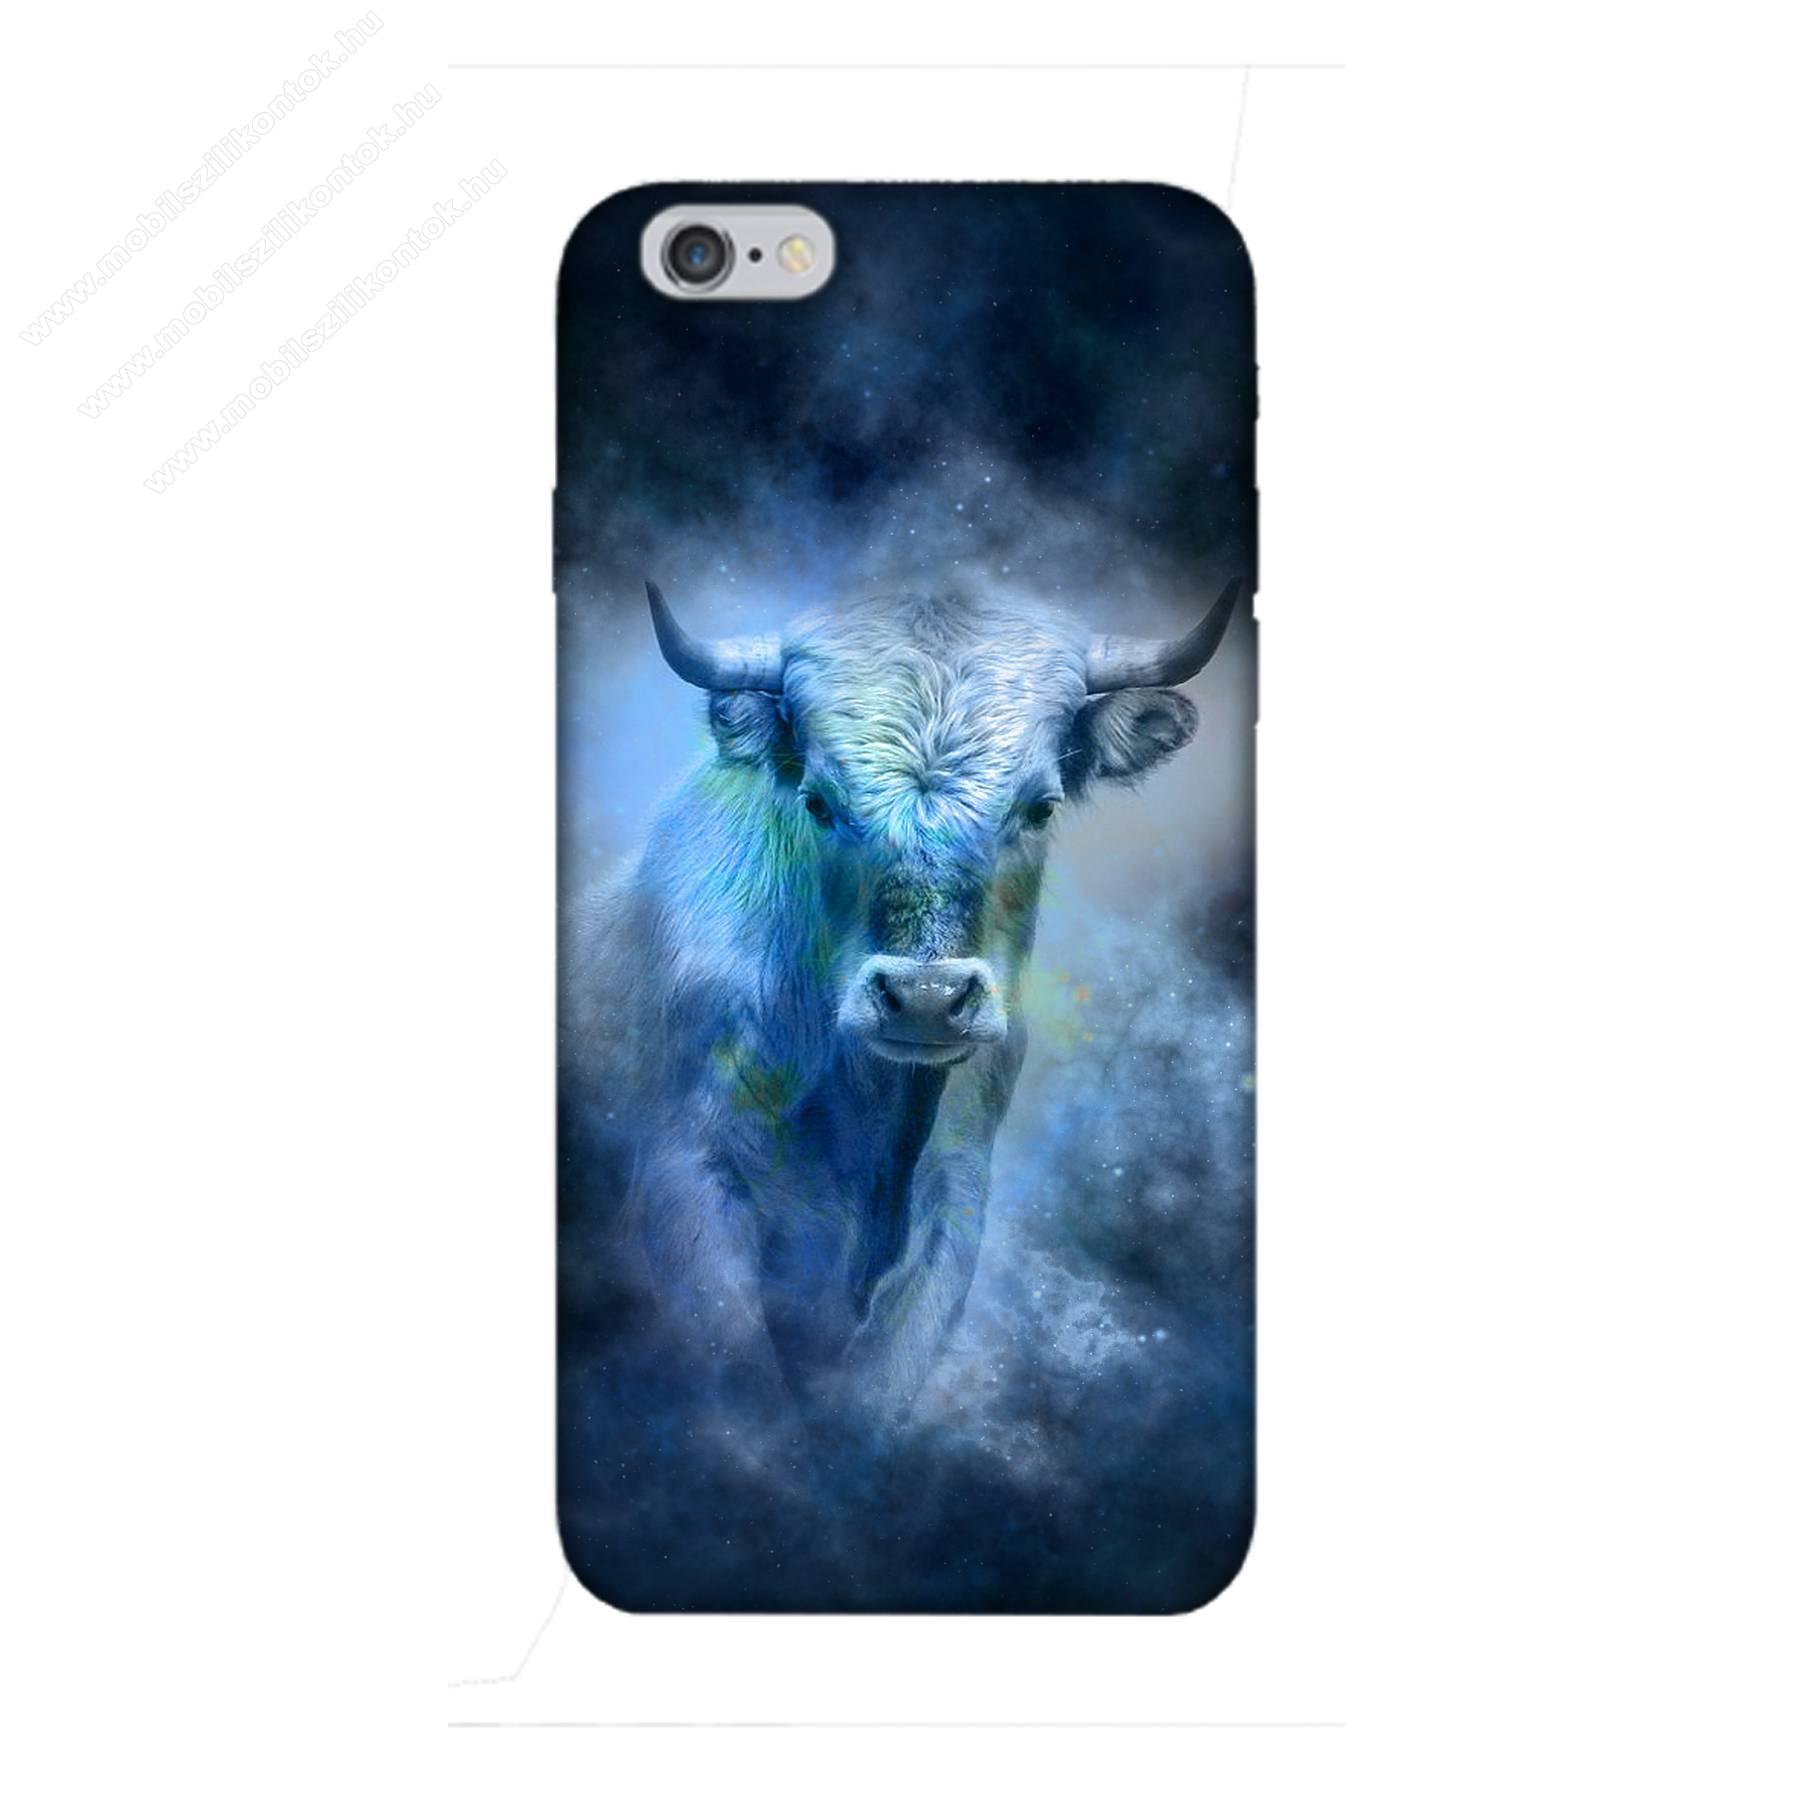 E-pic szilikon védő tok / hátlap - Horoszkóp, Bika mintás - APPLE iPhone 6 Plus / APPLE iPhone 6s Plus